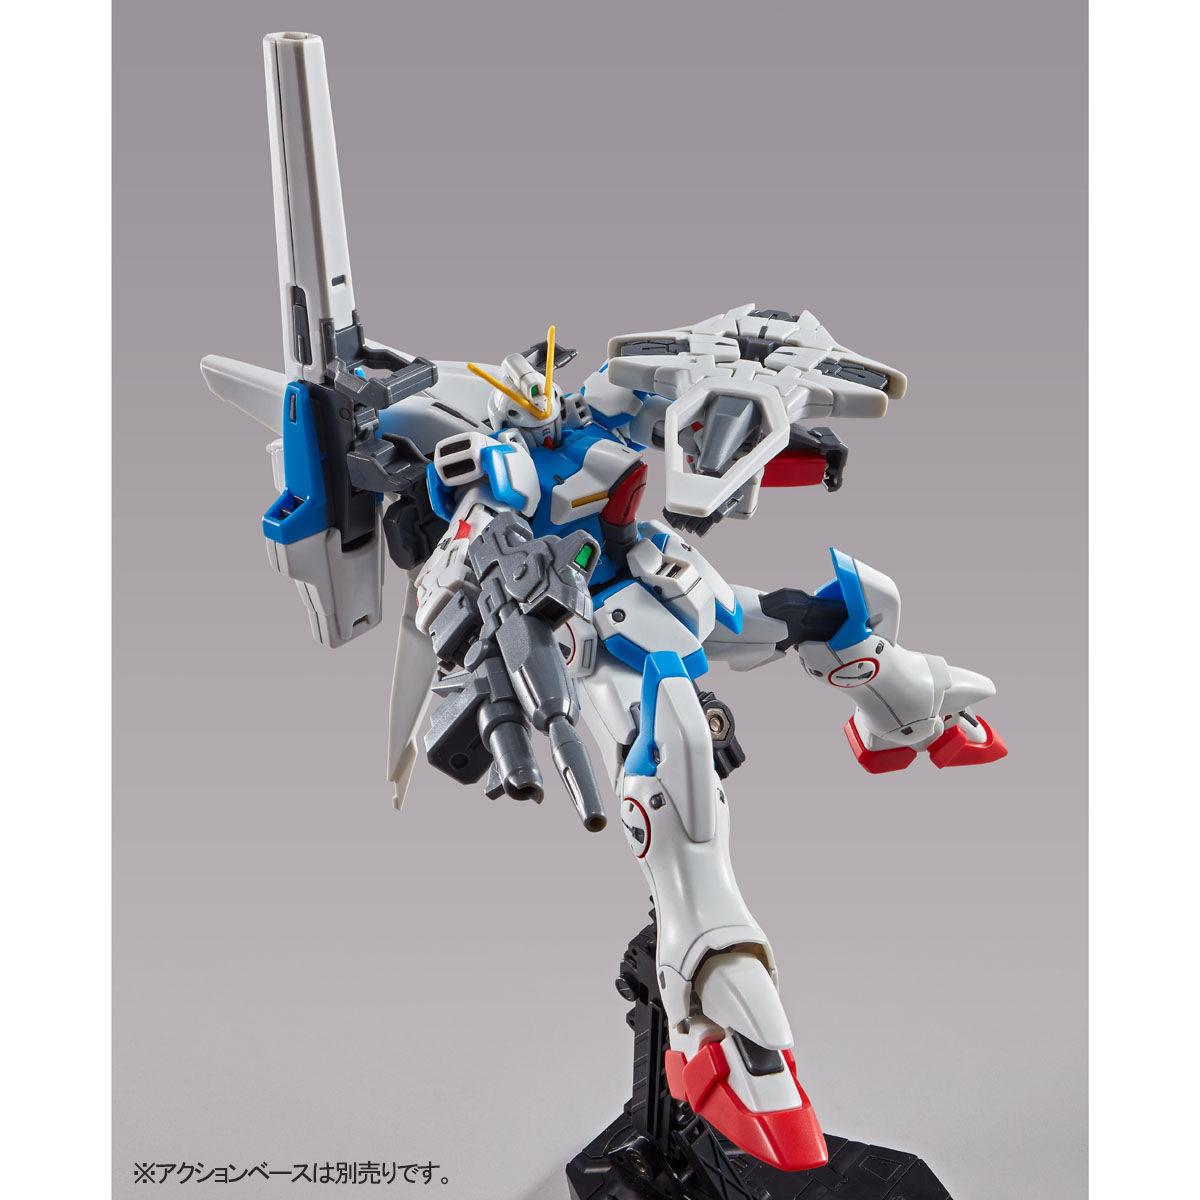 【限定販売】HG 1/144『セカンドV』プラモデル-006